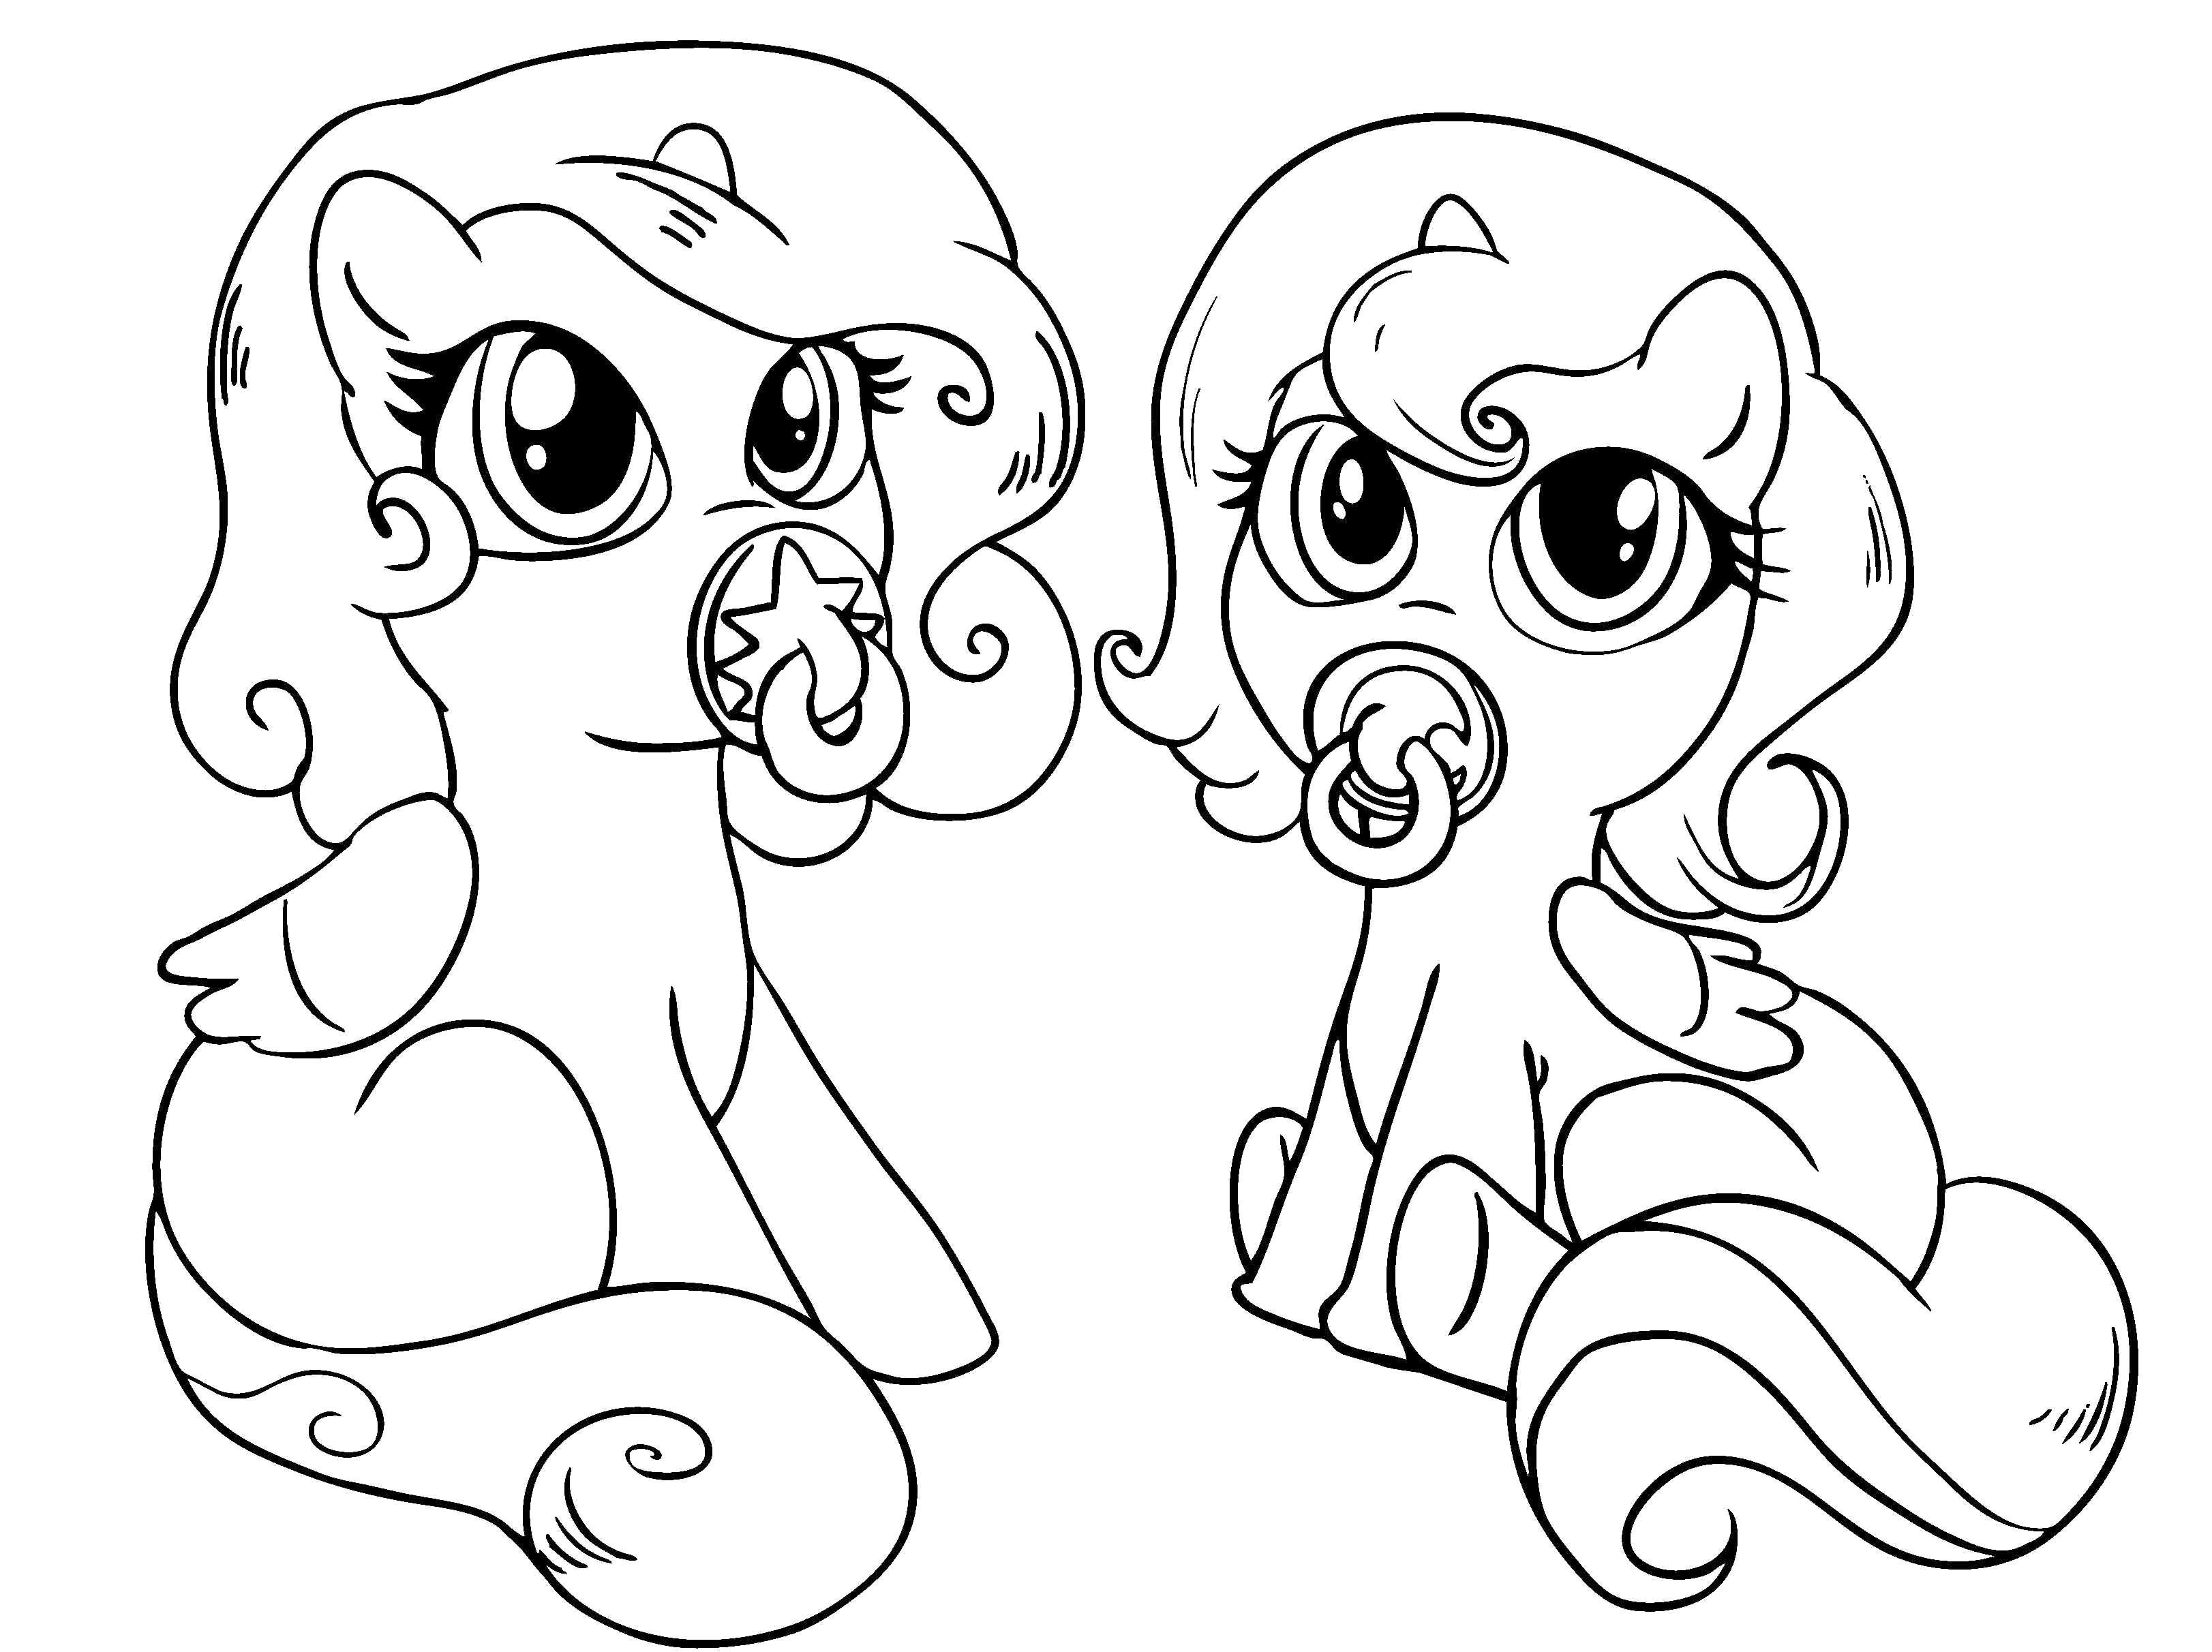 Equestria Girls Ausmalbilder  KonaBeun zum ausdrucken ausmalbilder pony